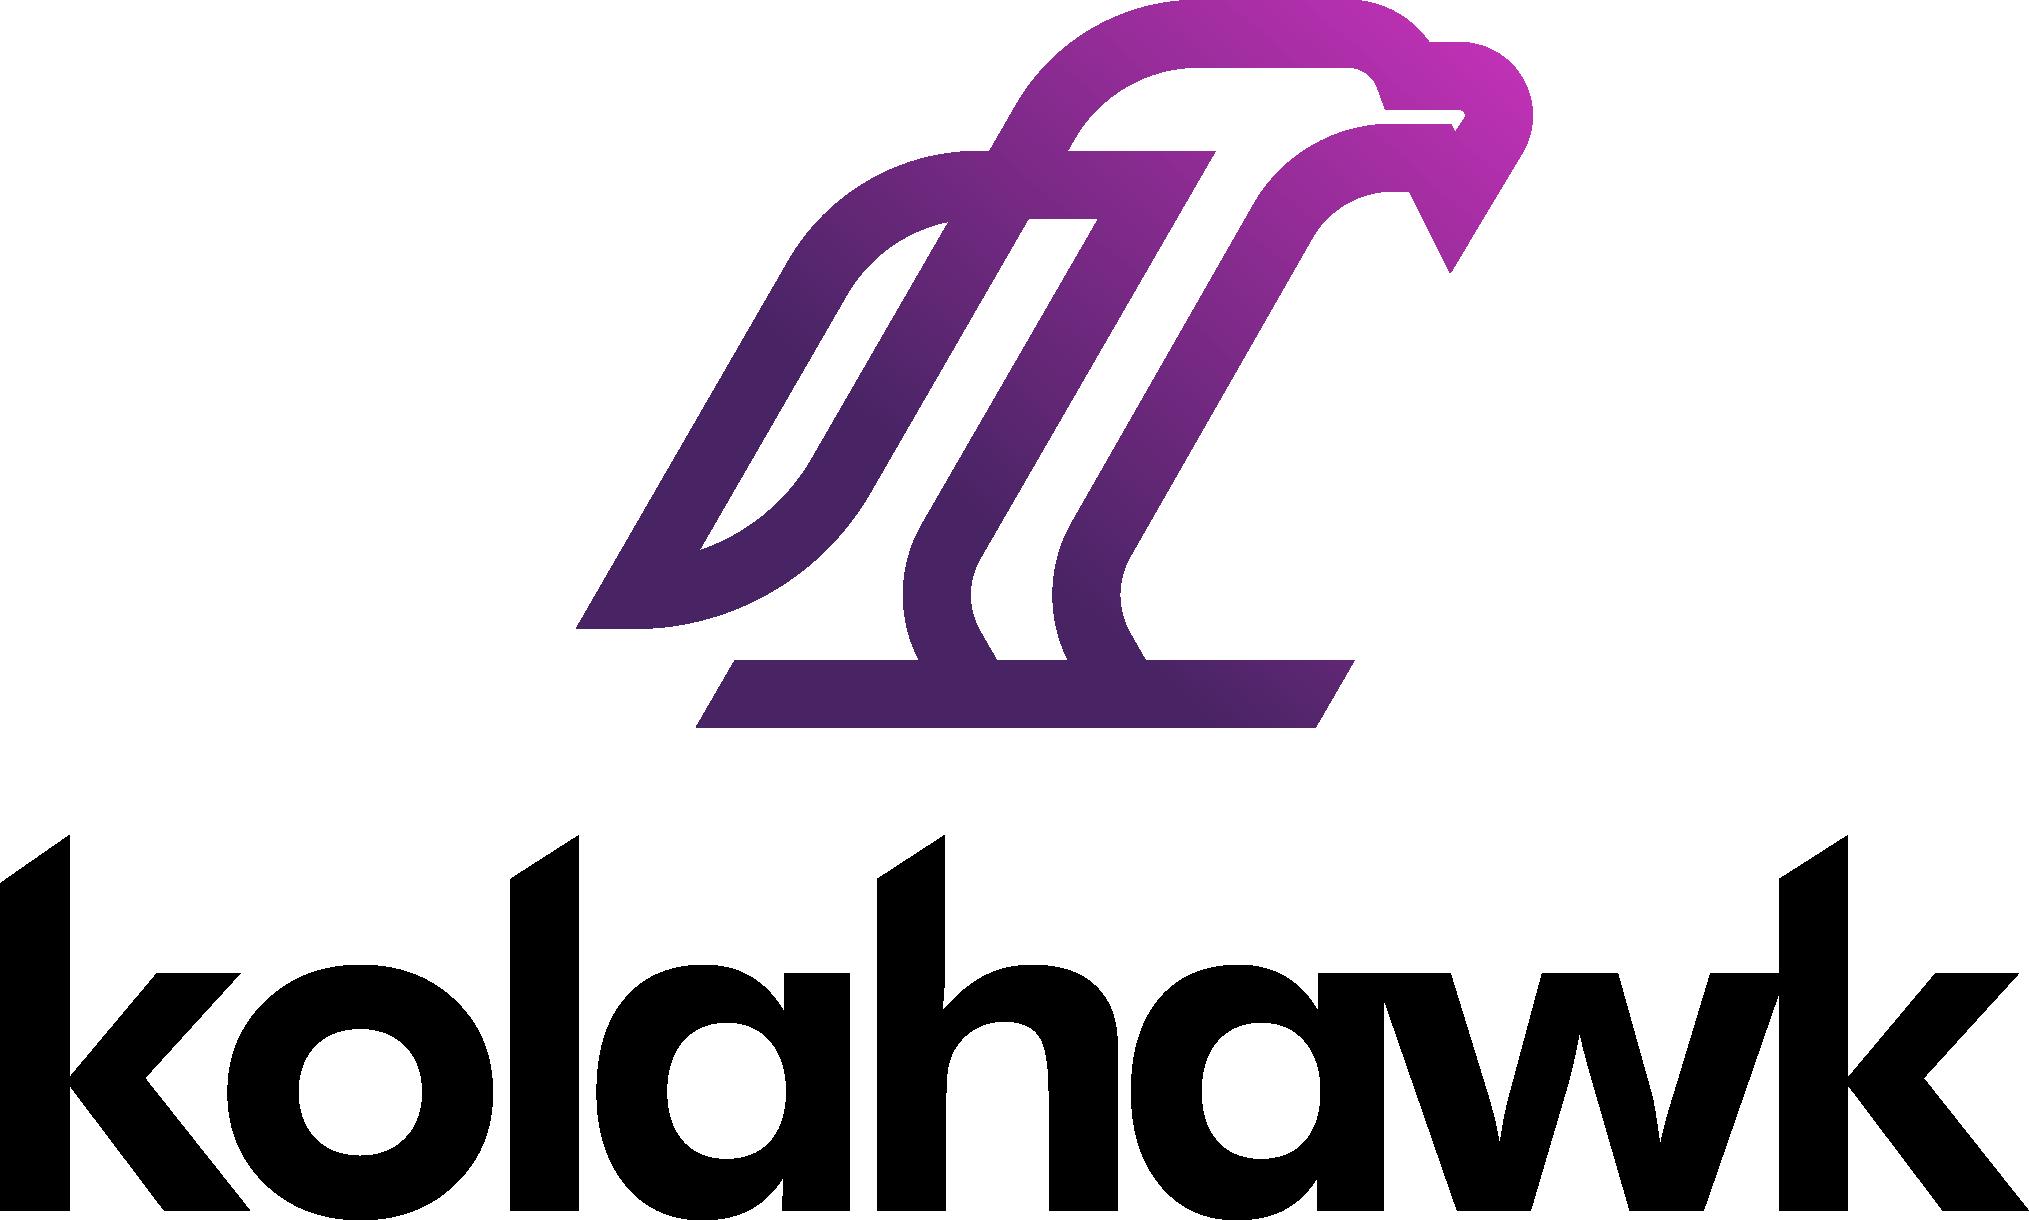 Kolahawk-main-Logo-1@4x